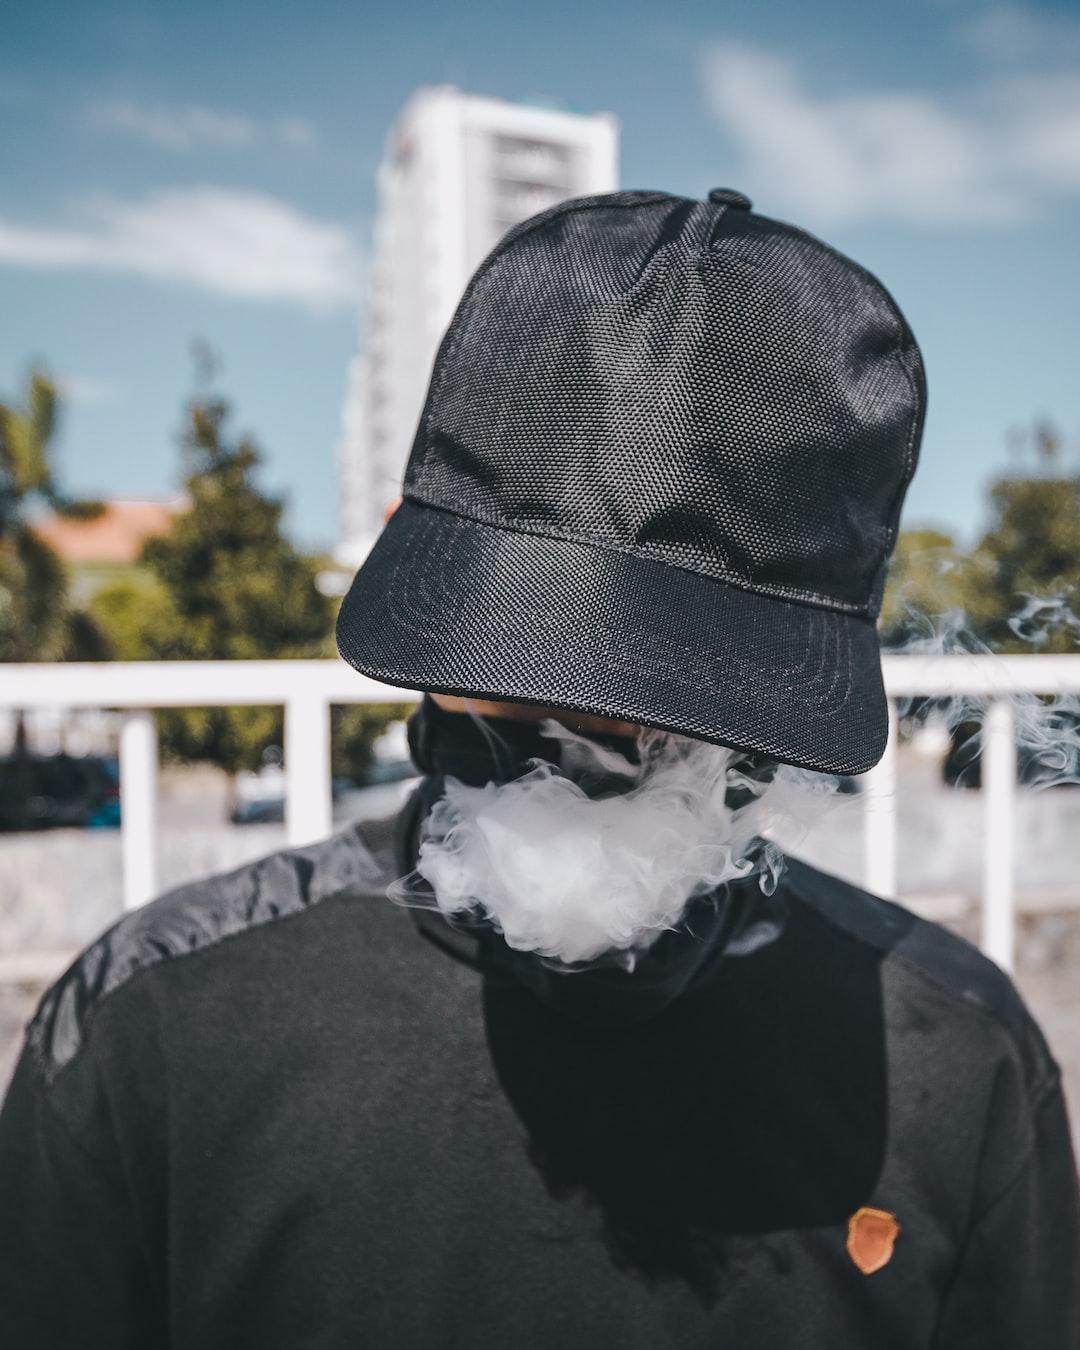 Hidden person exhaling smoke